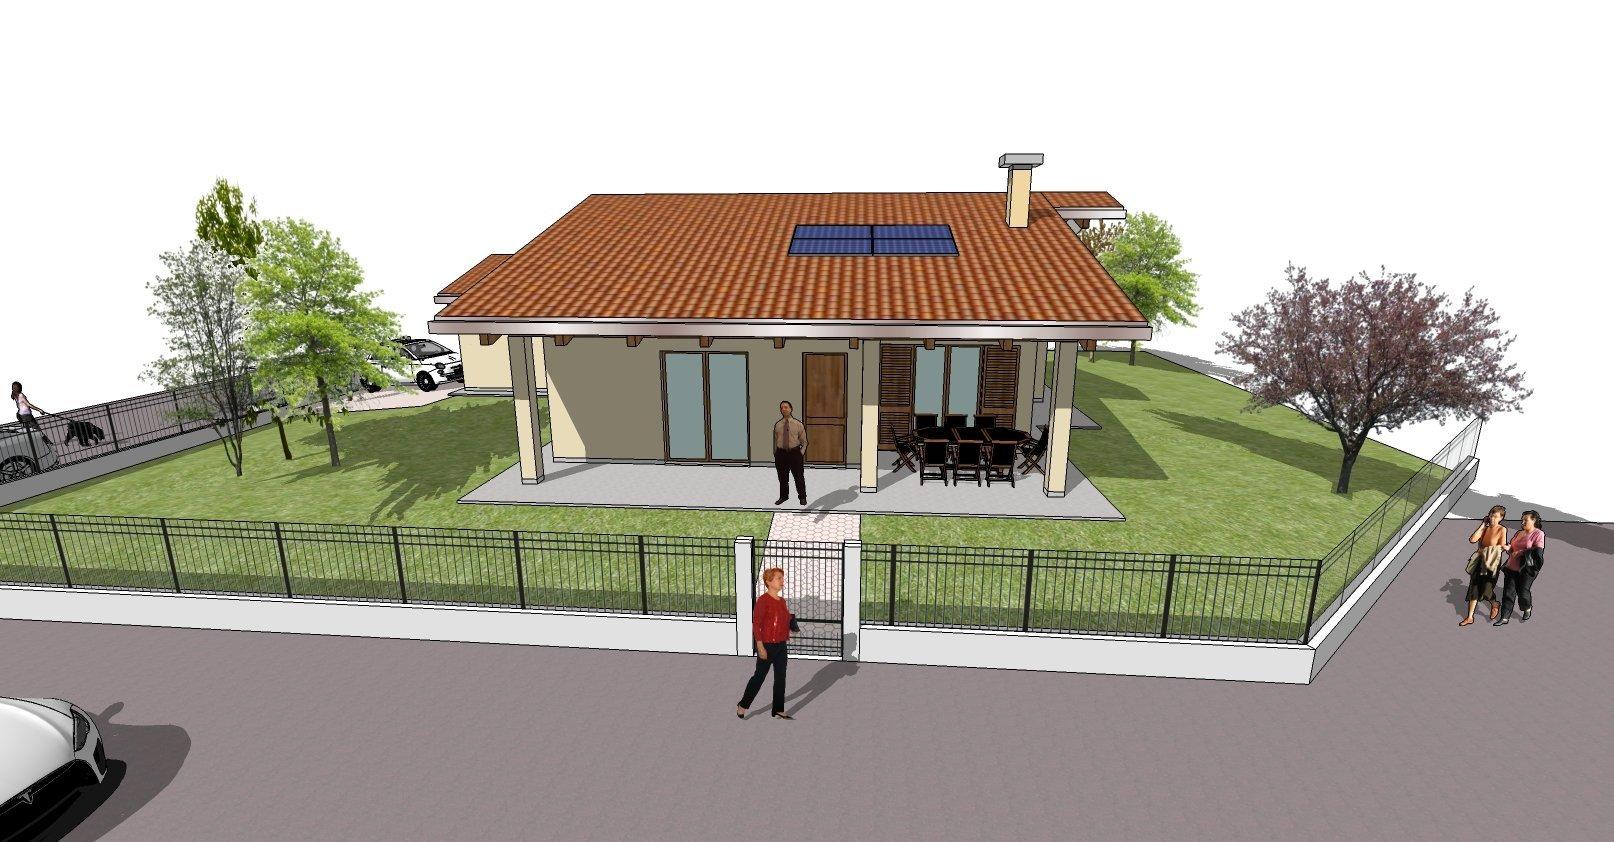 disegno bozza casa - entrata principale